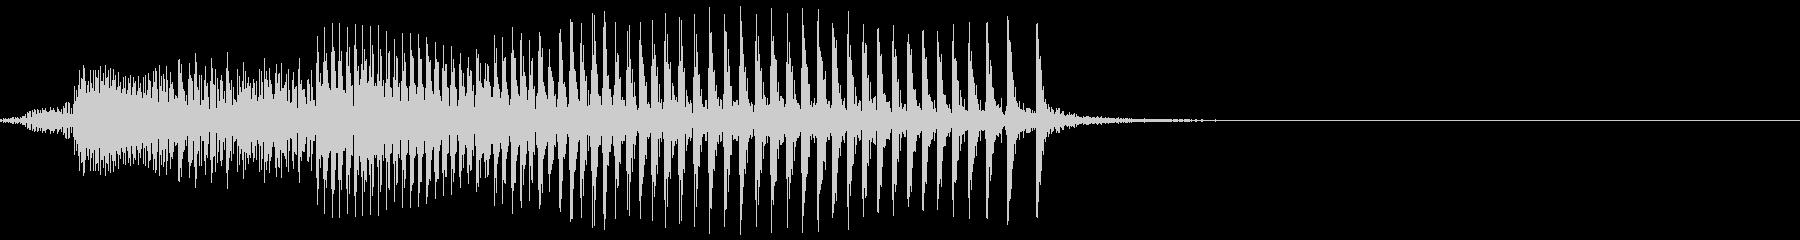 キィイ(木のきしむ音)の未再生の波形